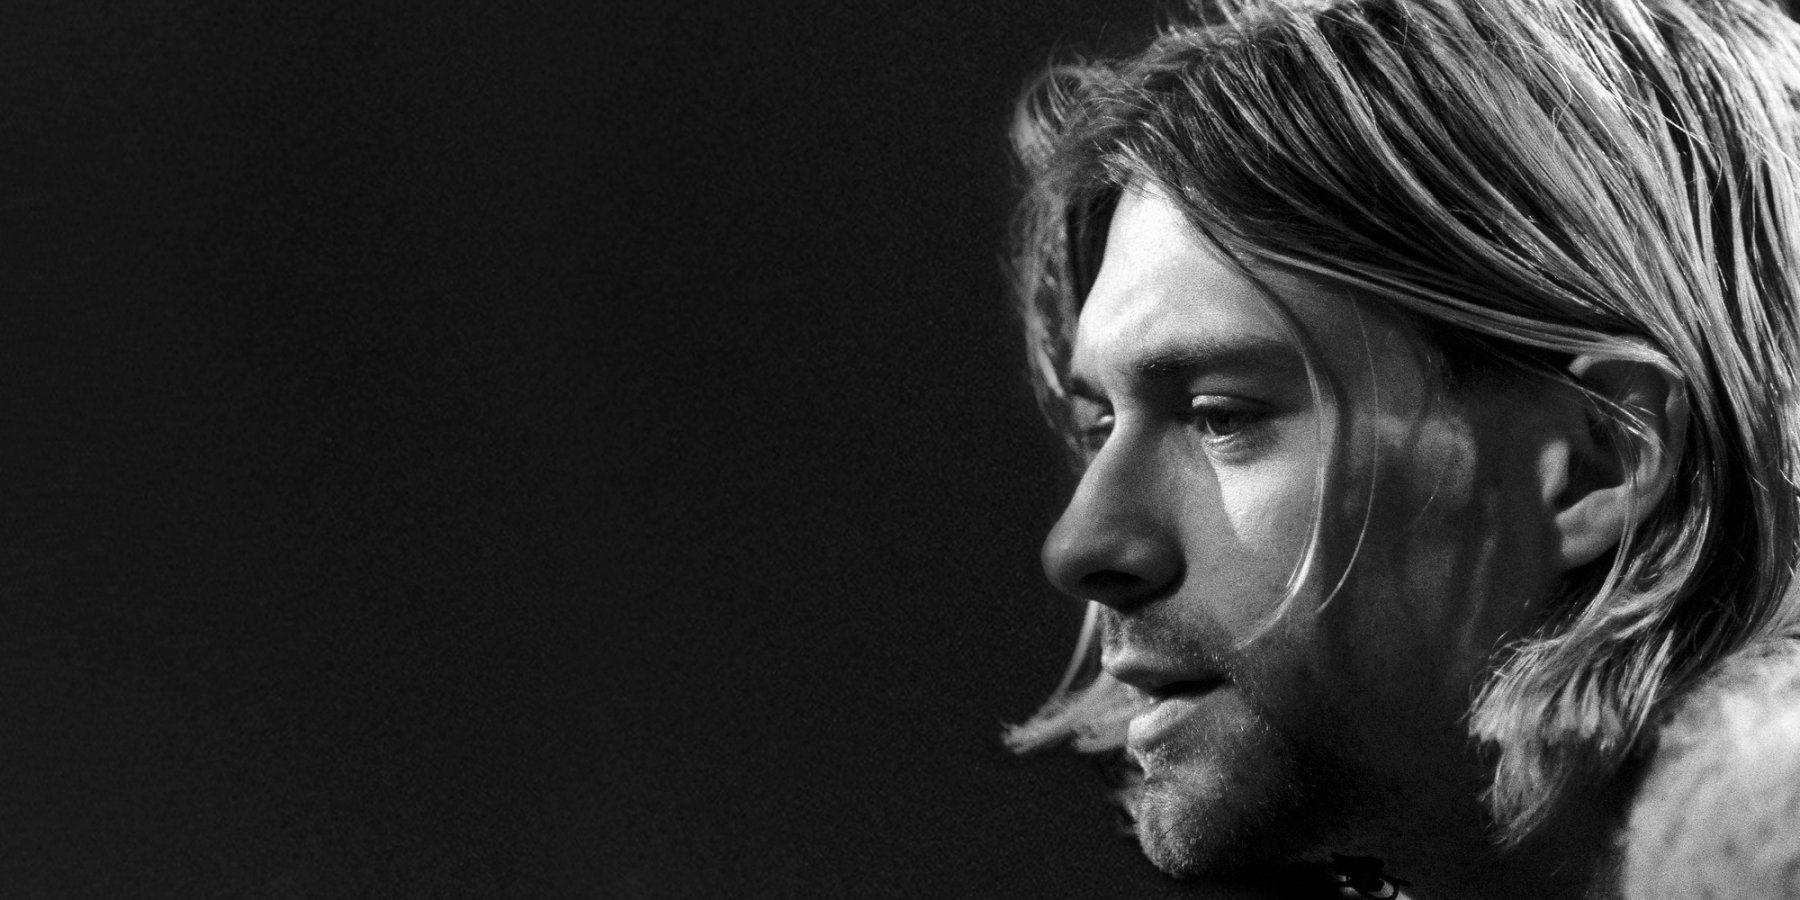 Останню фотосесію музиканта Курта Кобейна виставили на аукціон як NFT